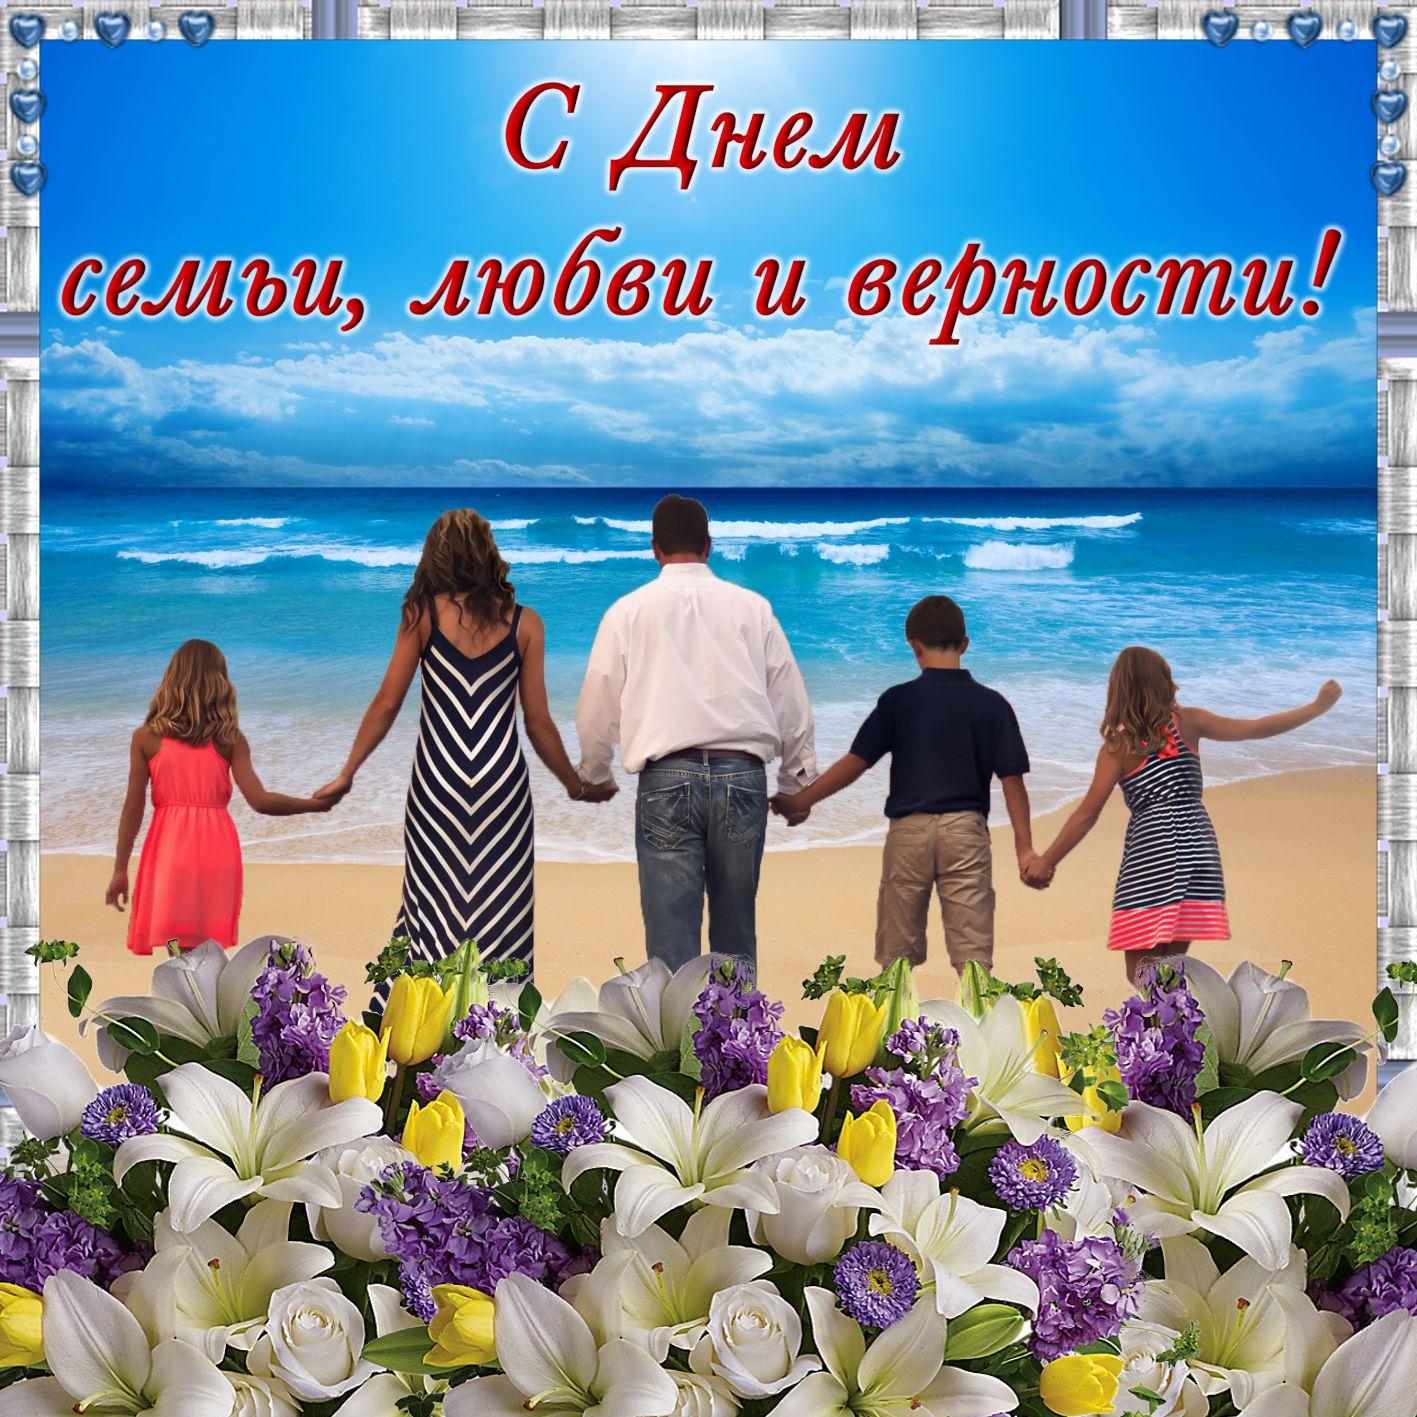 Картинки шаблоны, день семьи любви и верности открытки фото